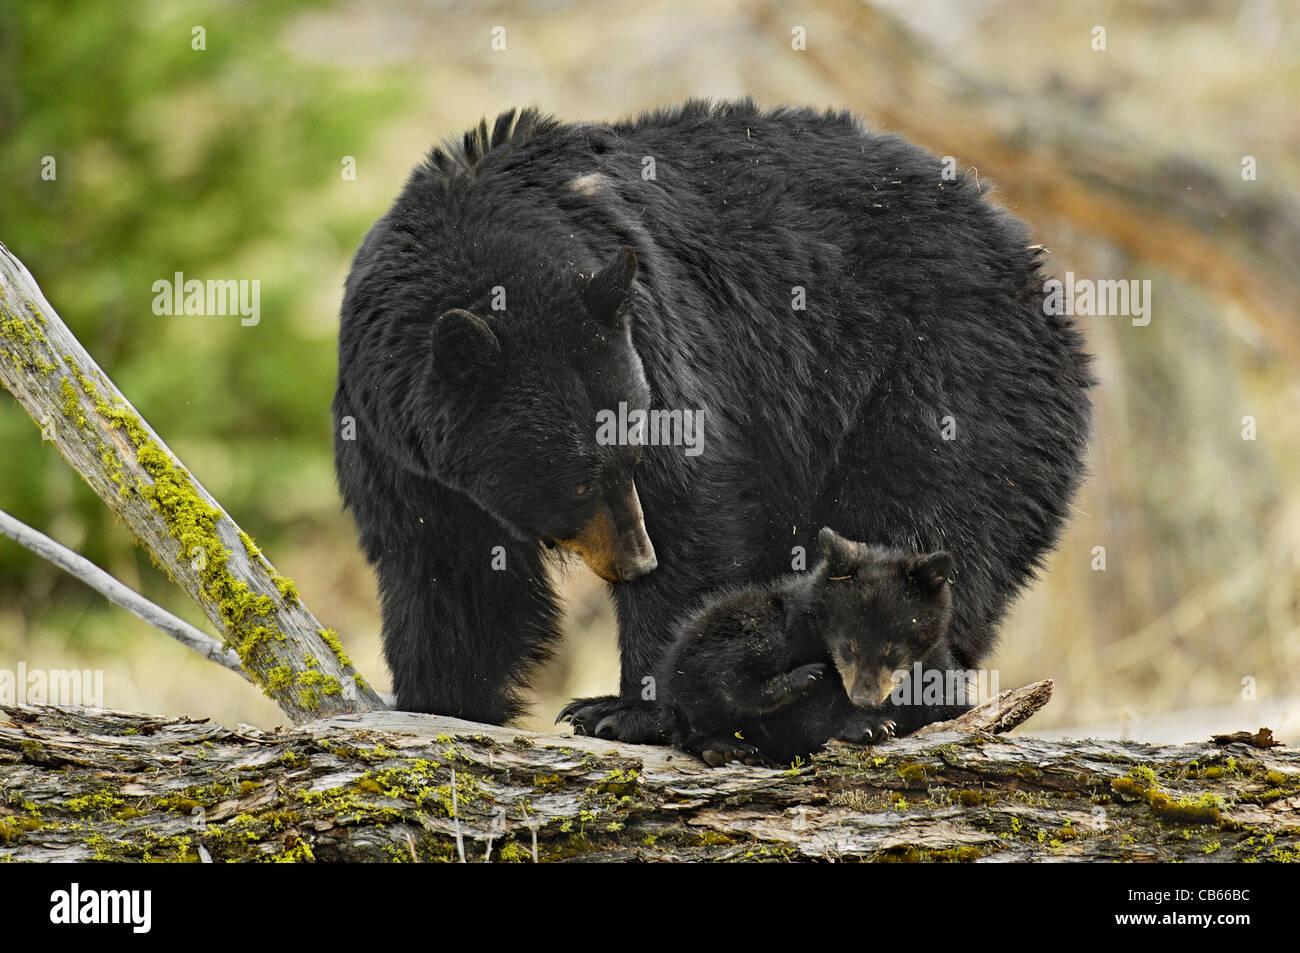 Madre protectora Bear manteniendo un ojo en Cub Imagen De Stock